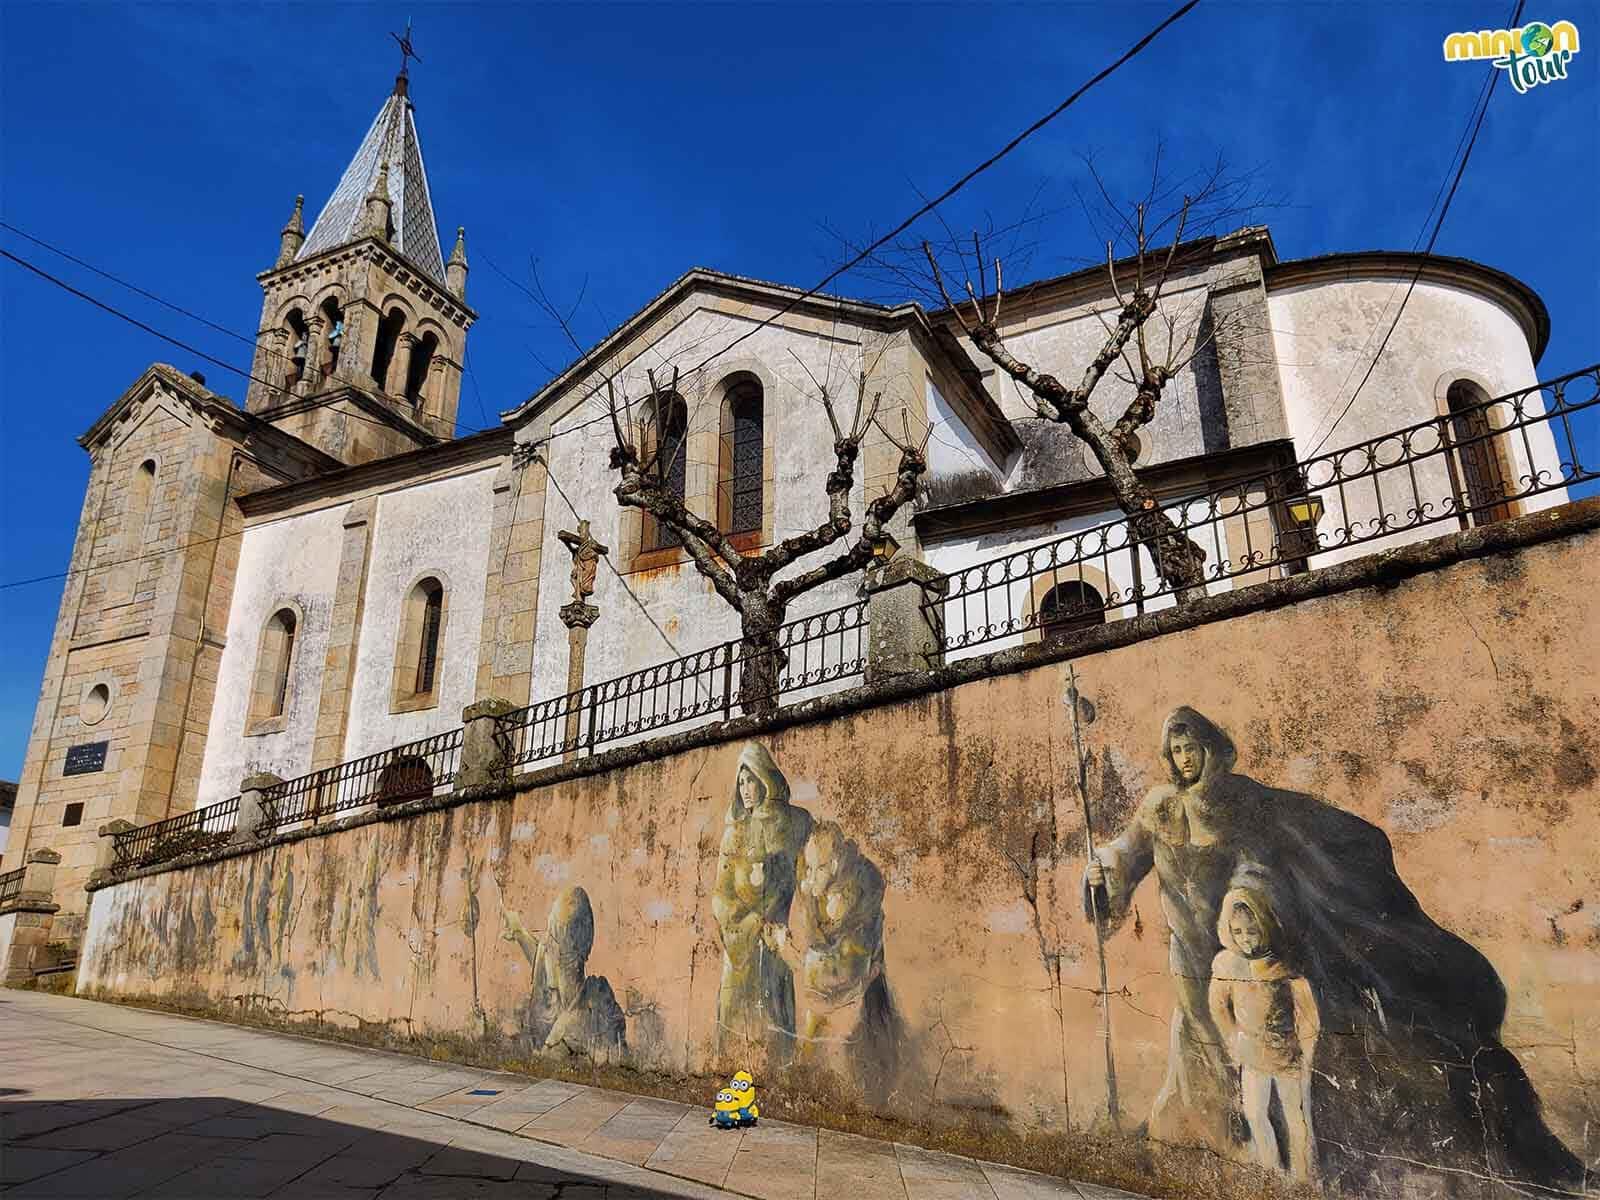 Esta iglesia tiene unos murales muy curiosos